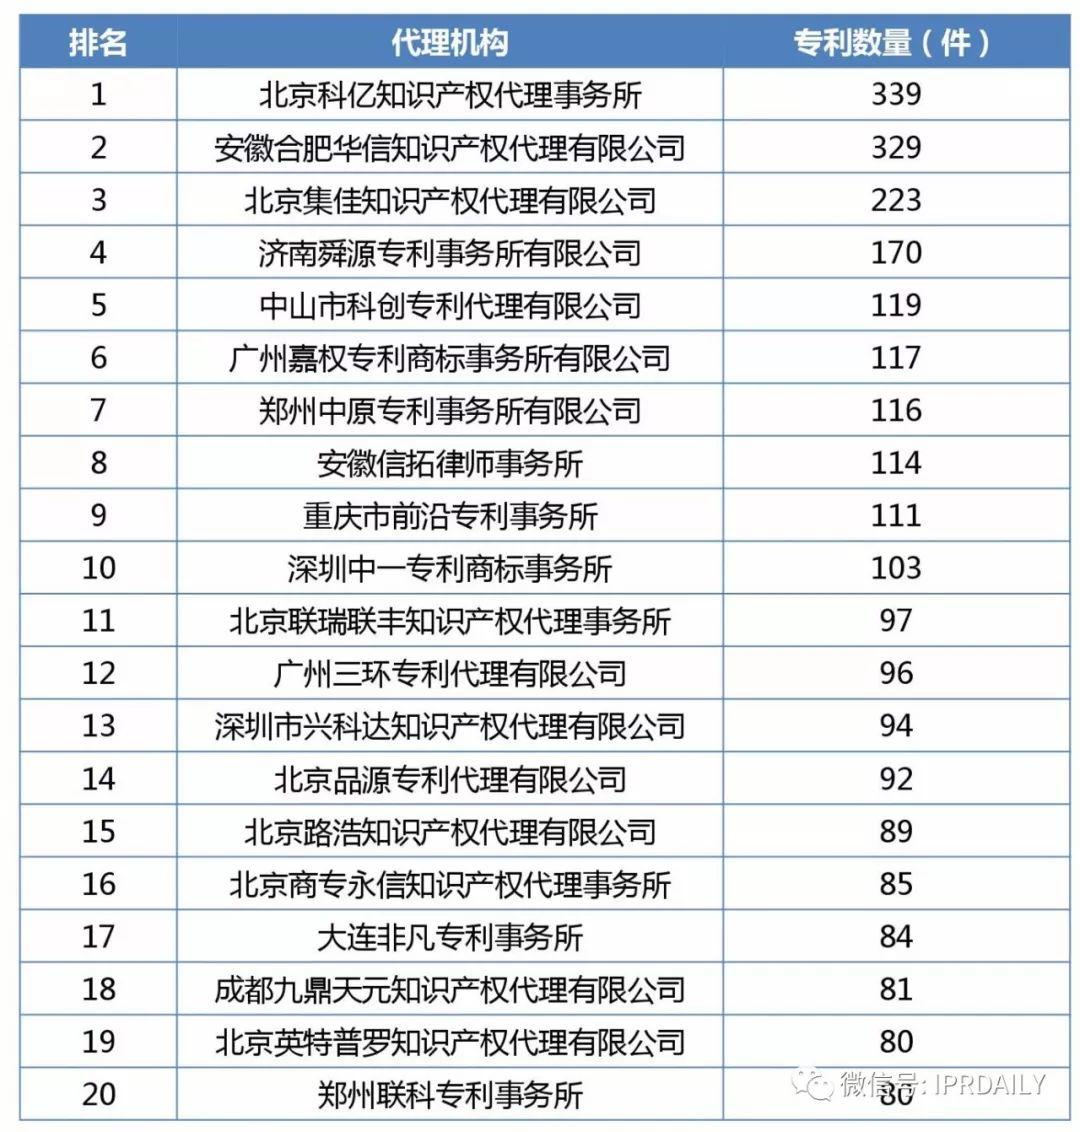 2017年企业专利运营质押排行榜(前100名)